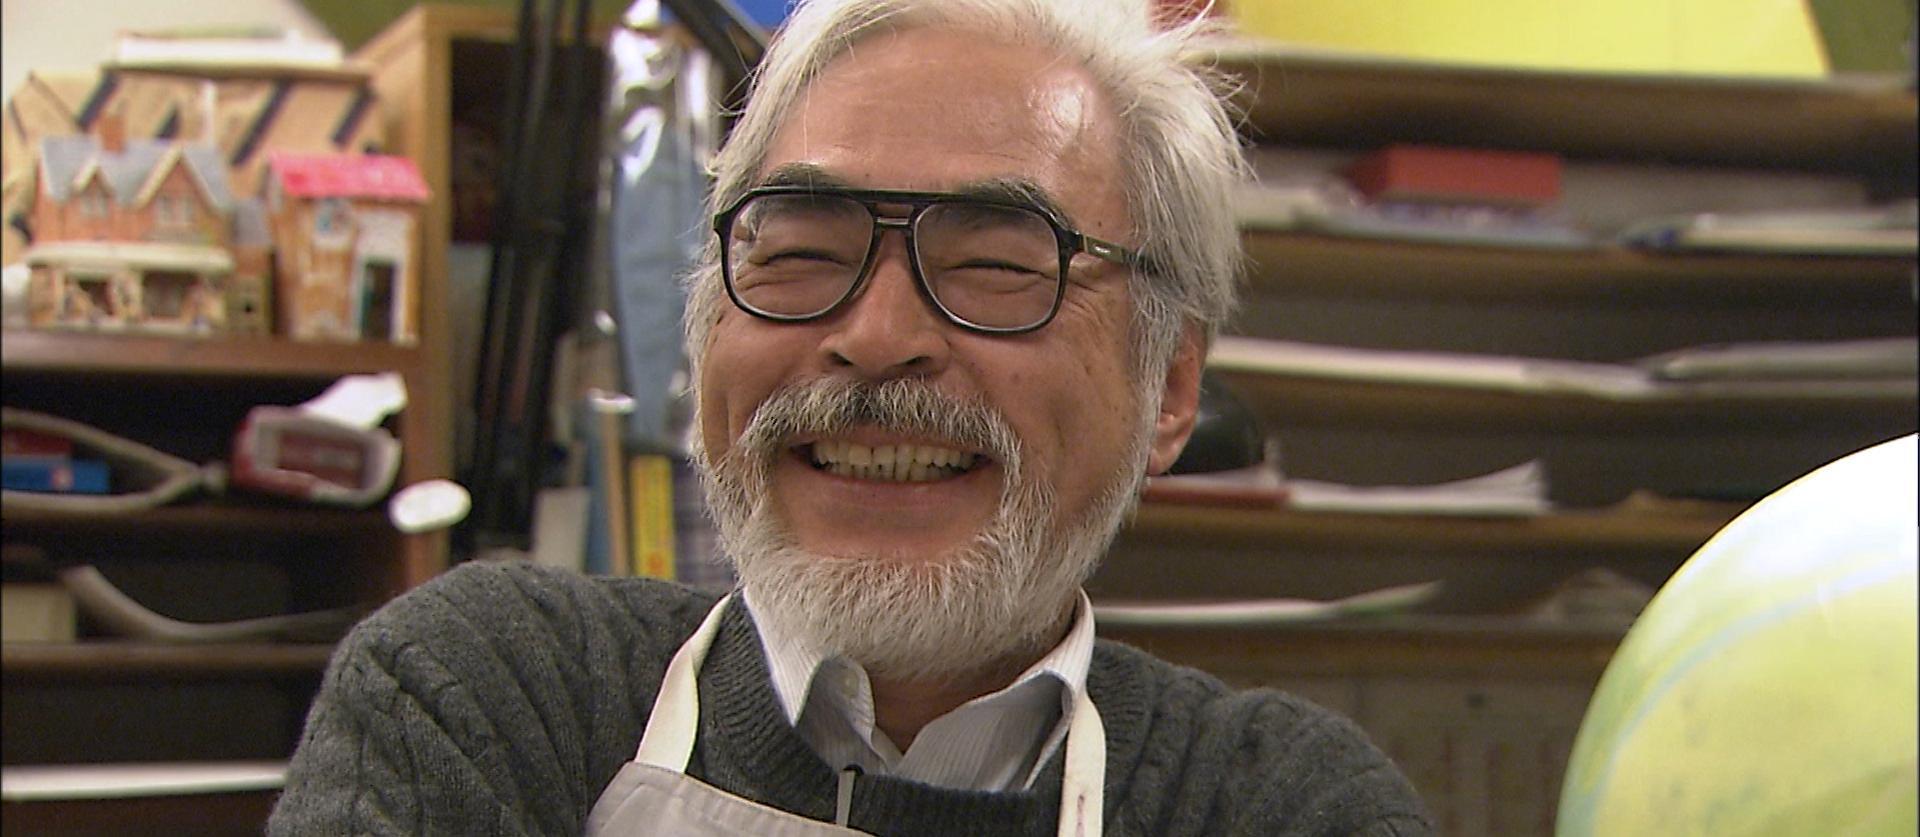 Il-Museo-Ghibli-rilascerà-degli-artbook-delle-opere-di-Miyazaki